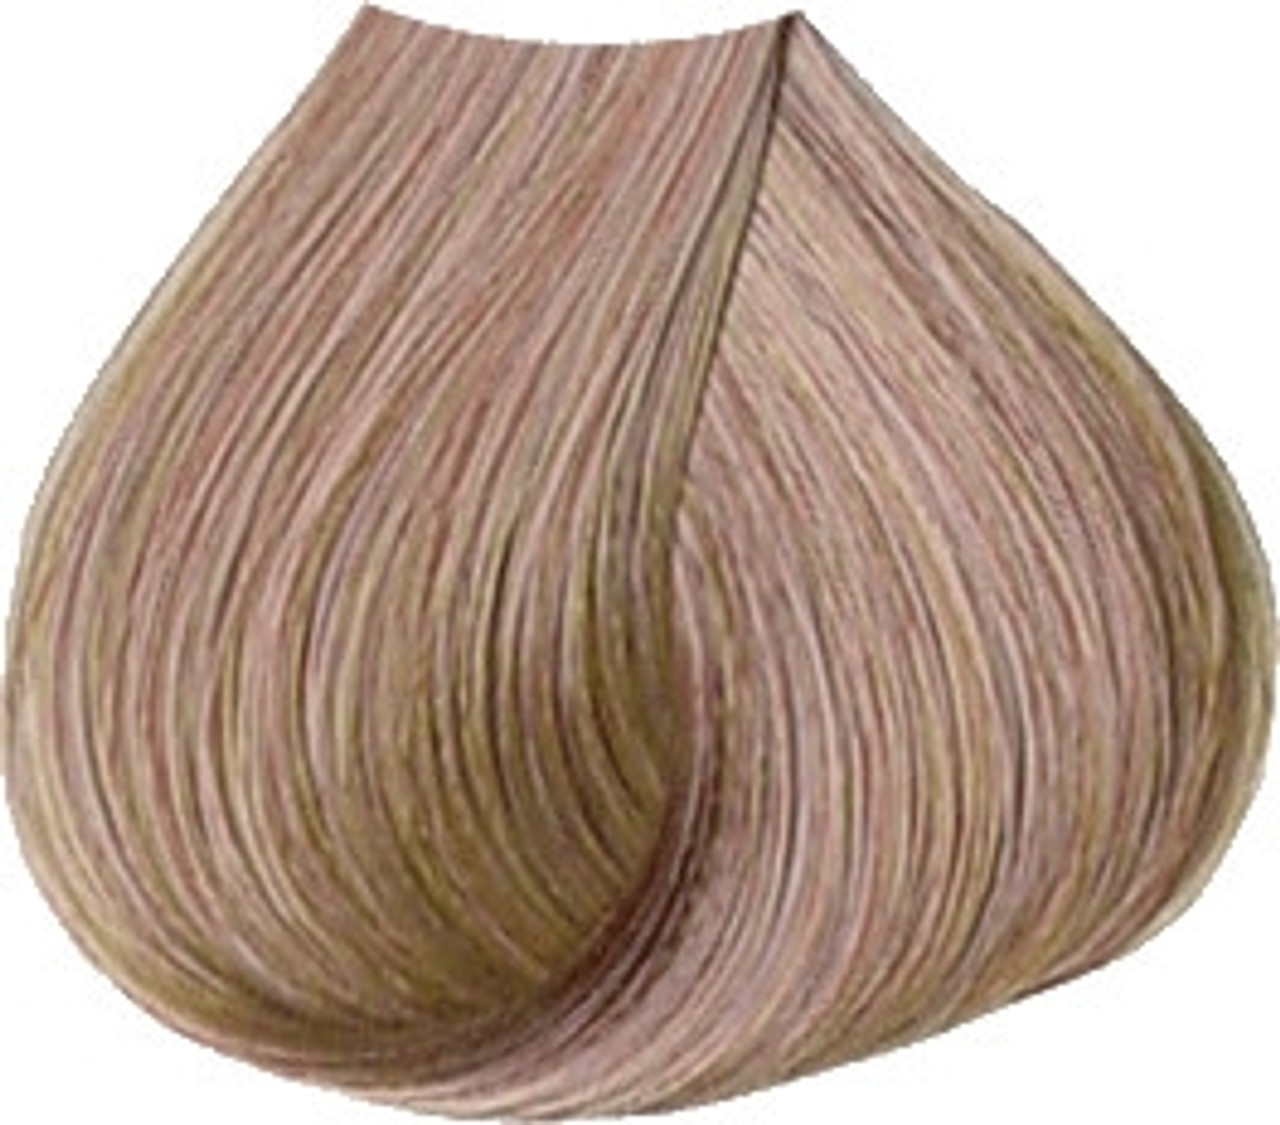 Satin Hair Color - Gold - 7G Golden Blonde